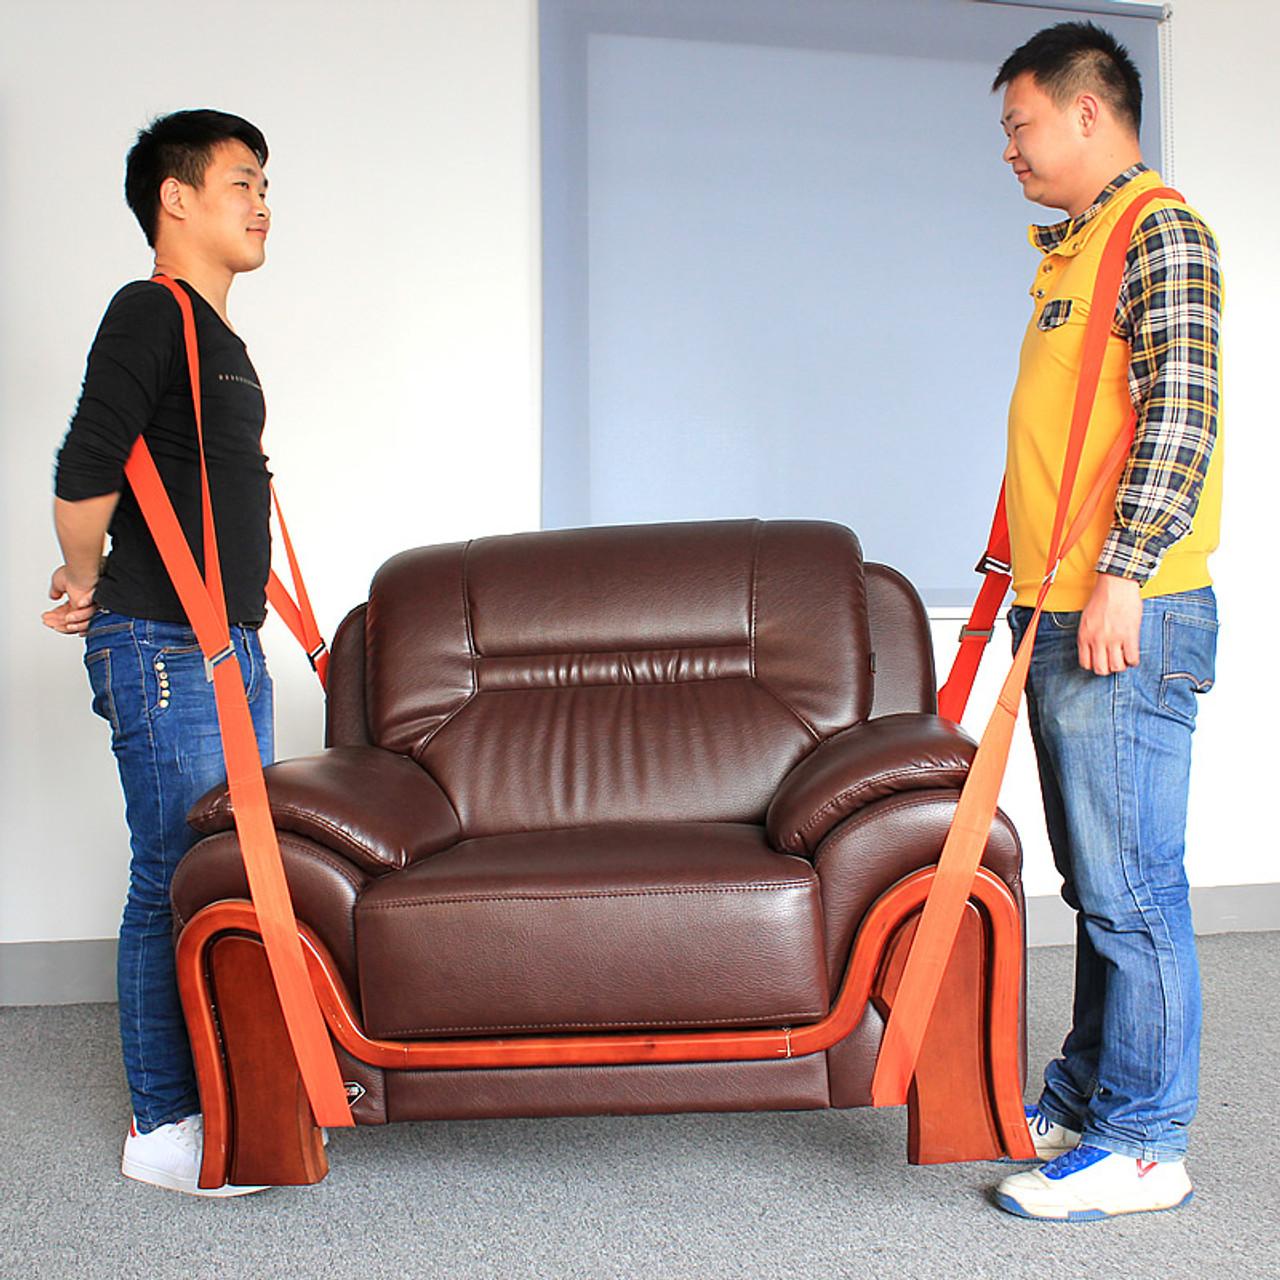 Moving Strap Furniture Moving Belt Moving Straps Transport Belt Rope